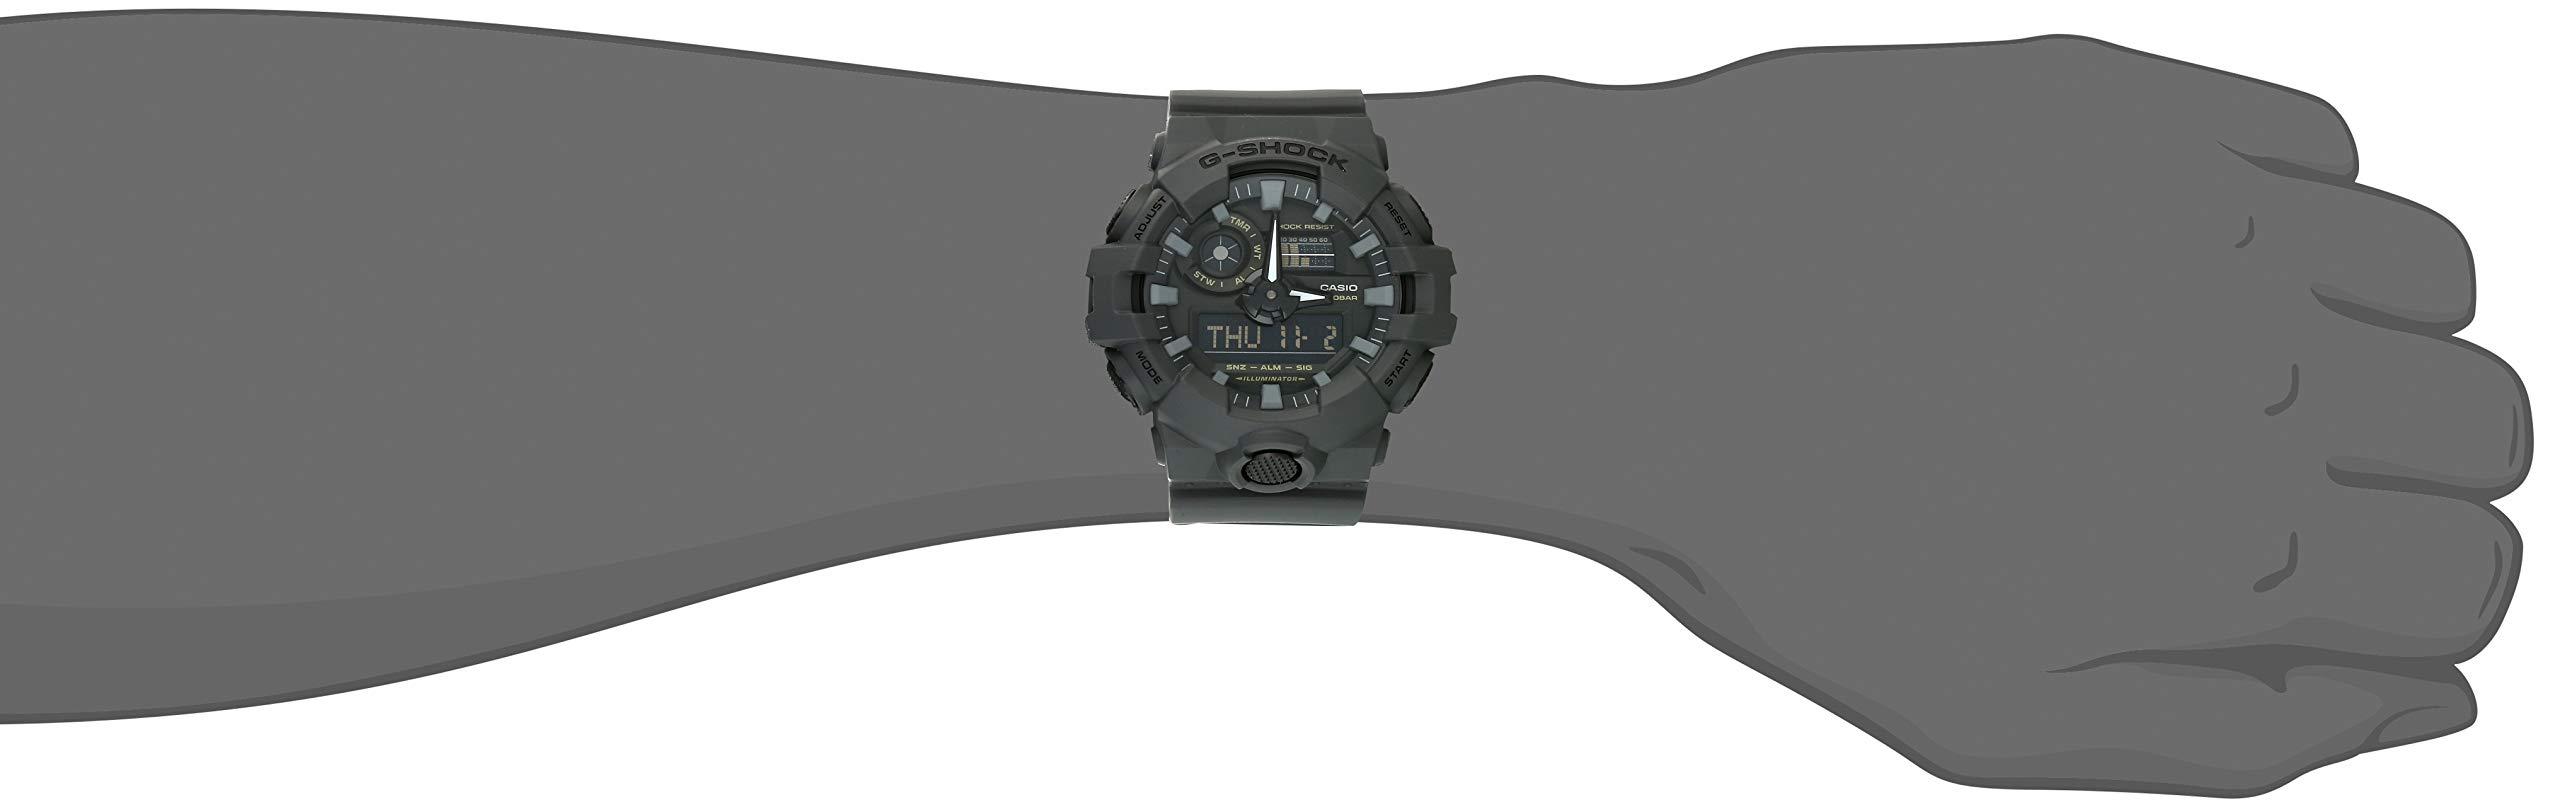 Casio Men's XL Series G-Shock Quartz 200M WR Shock Resistant Resin Color: Matte Grey (Model GA-700UC-8ACR) by Casio (Image #2)